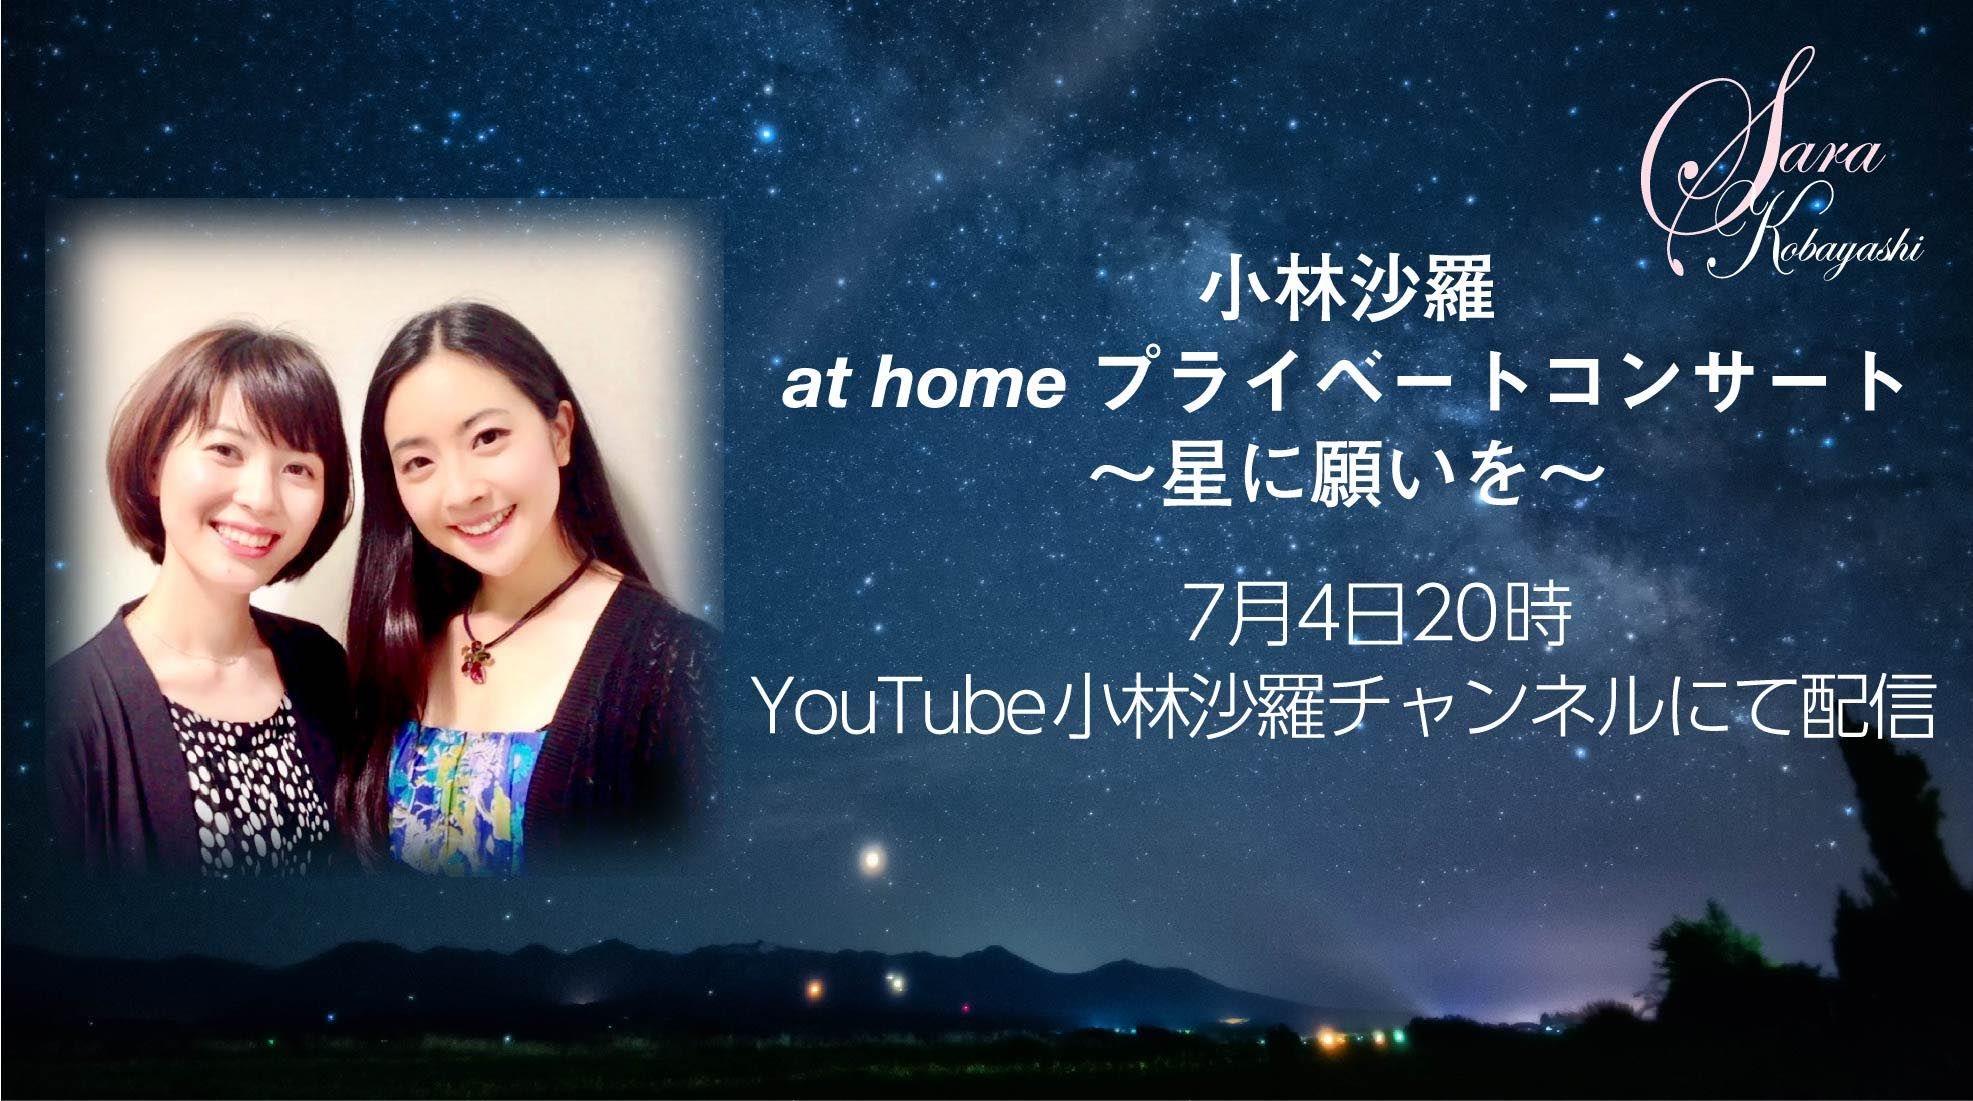 小林沙羅 at home プライベートコンサート 〜星に願いを〜